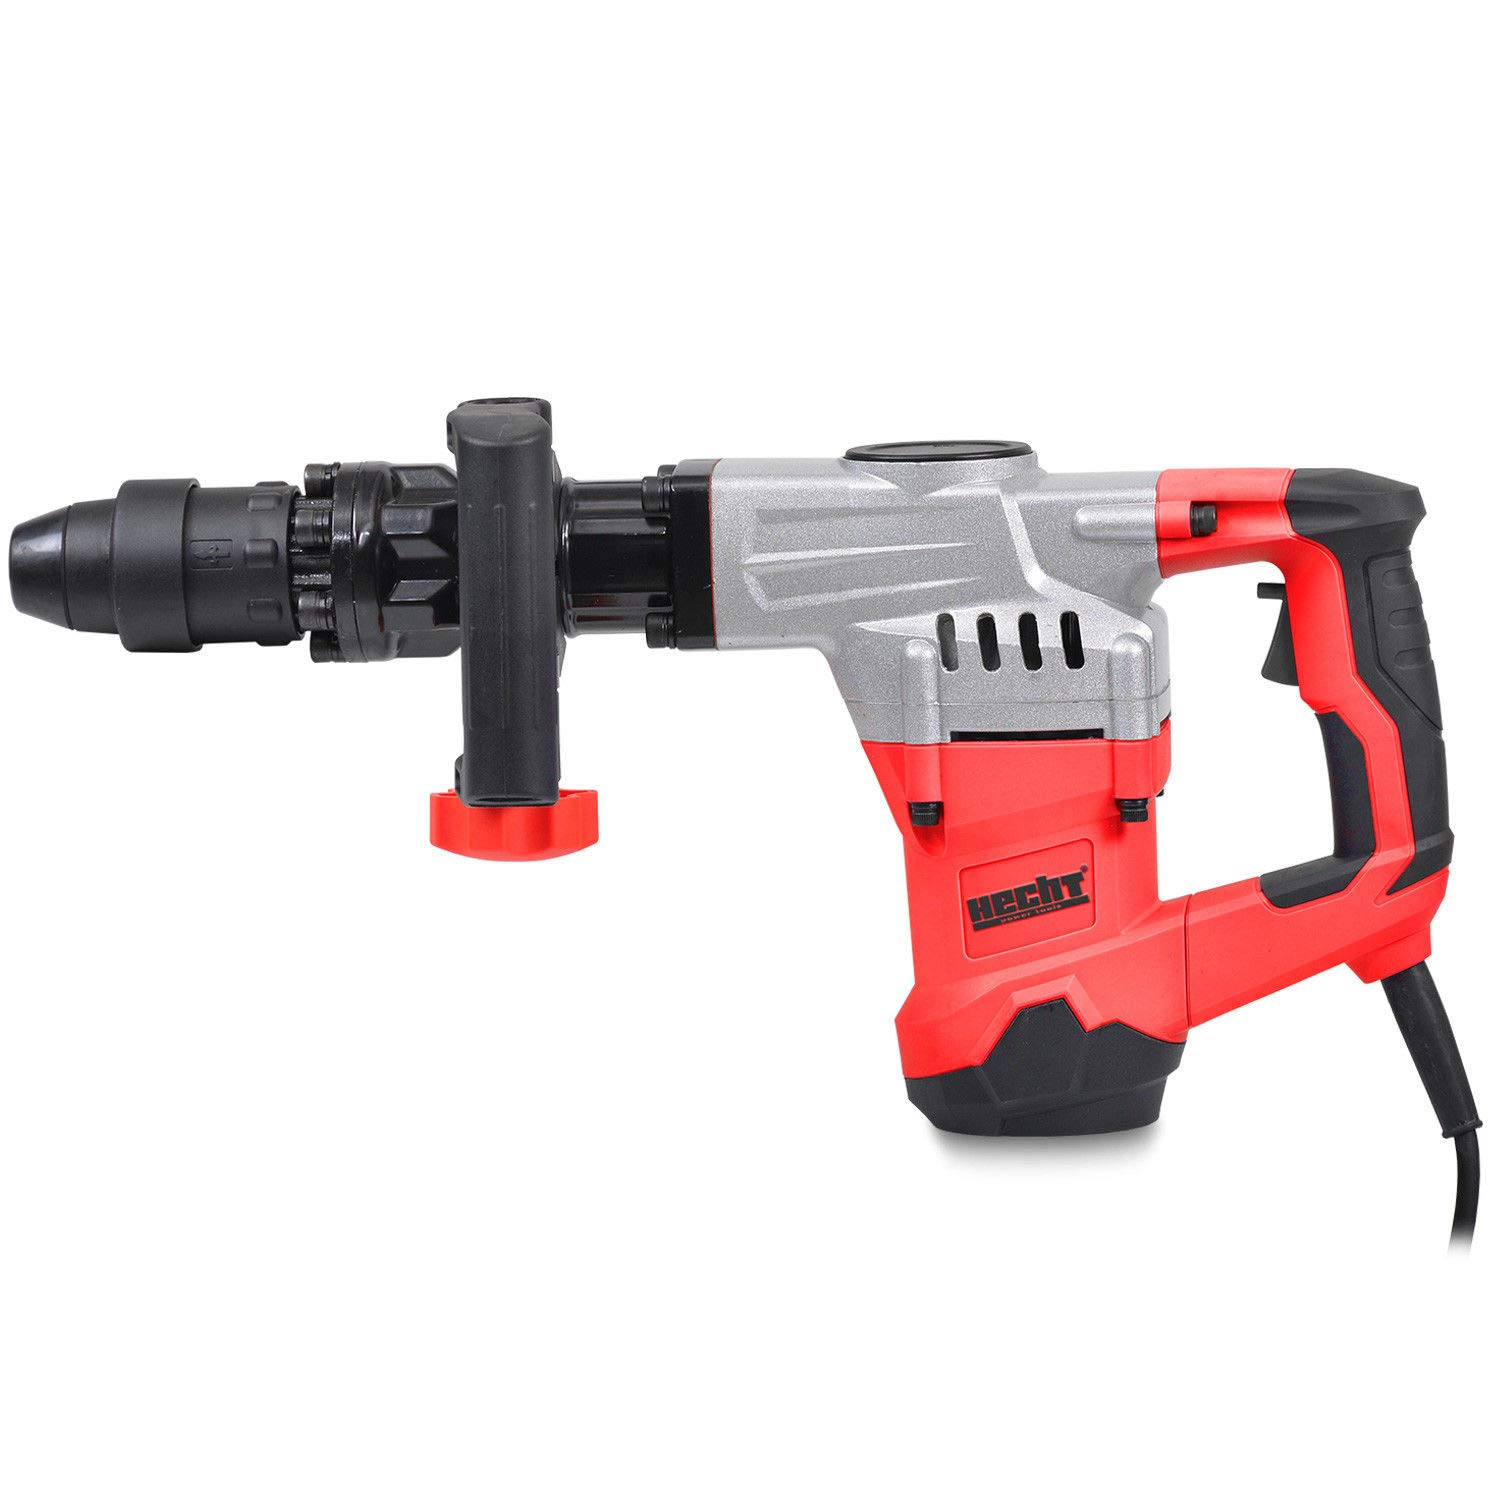 HECHT-Bohrhammer-1090-Bohrmaschine-mit-Schlagfunktion-Schlagbohrer-Meisselhammer